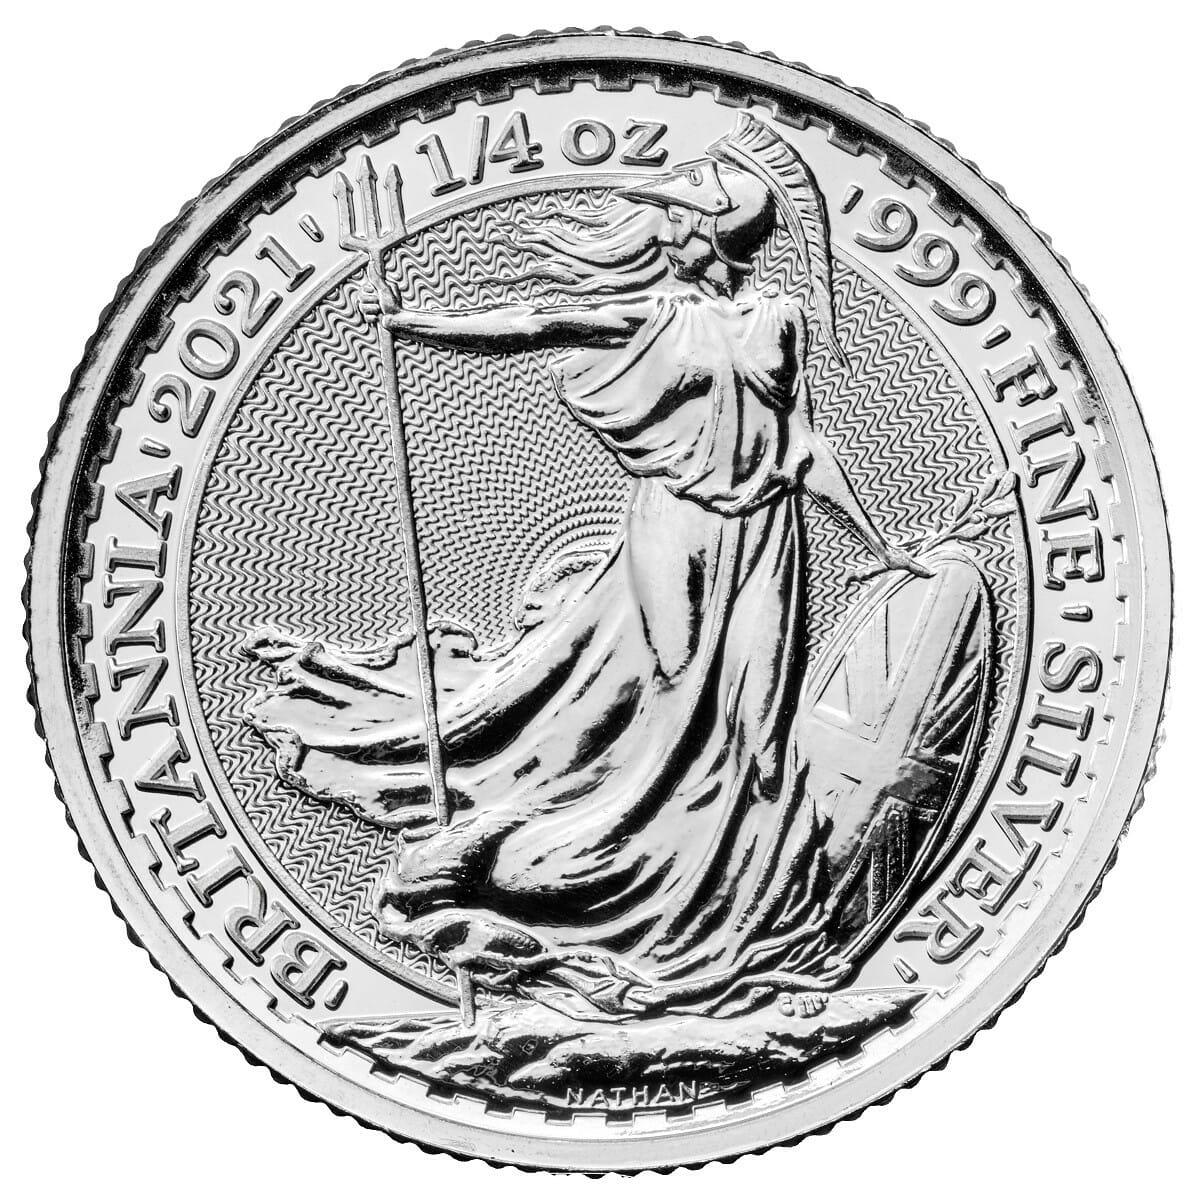 2021 Britannia 1/4oz .999 Silver Bullion Coin 1